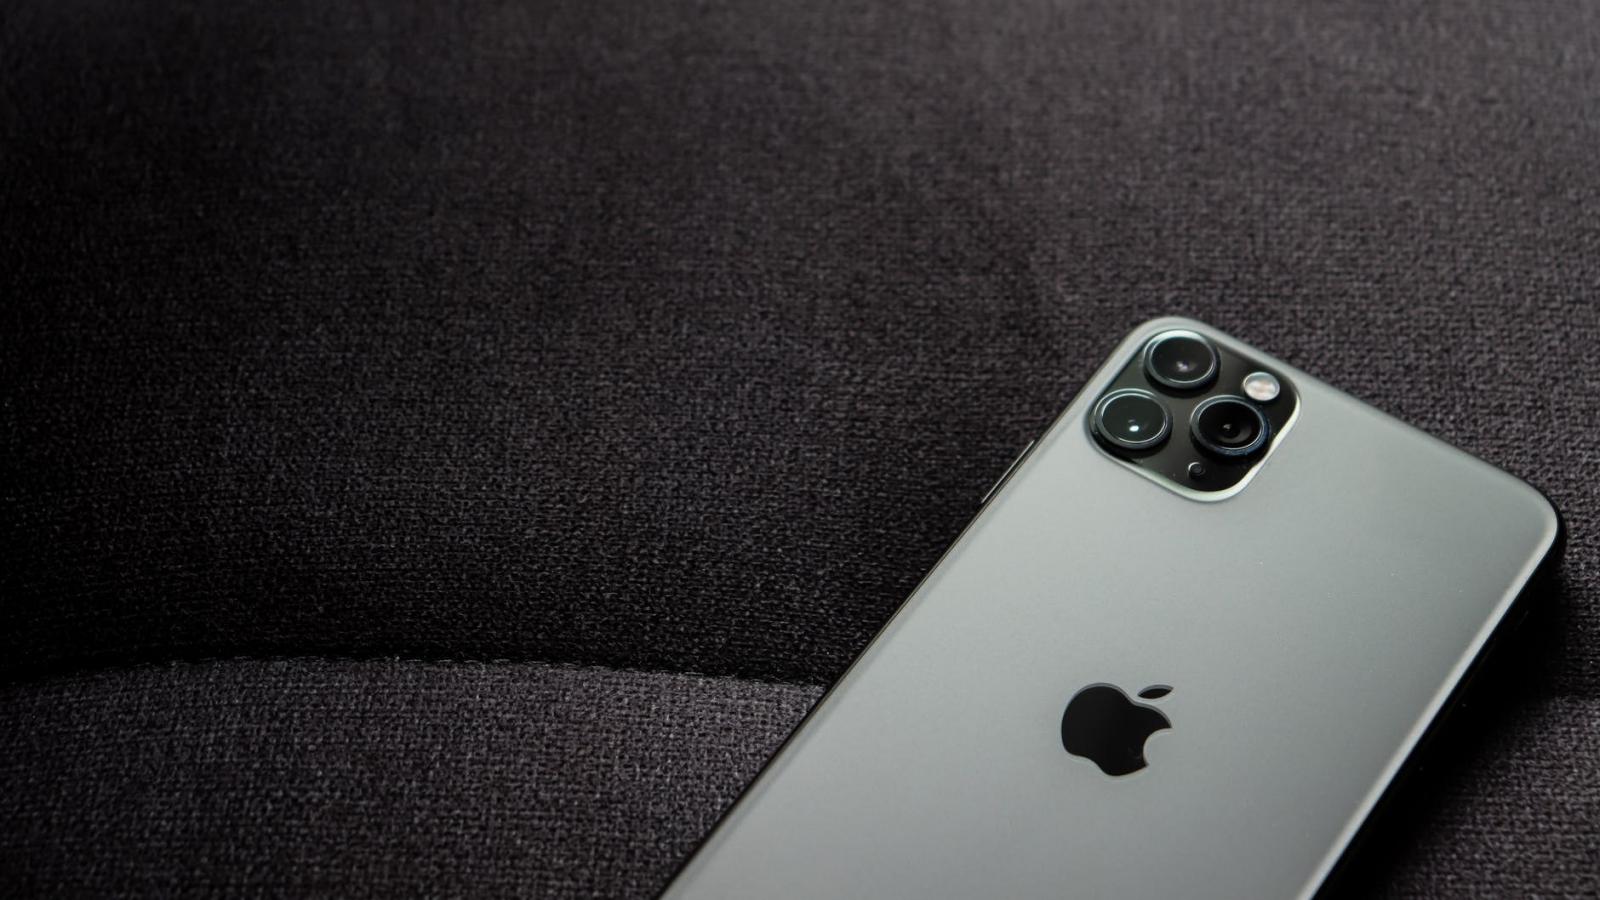 【快訊】新 iPhone 最大容量有1TB?分析師再爆料:LiDAR 全面下放